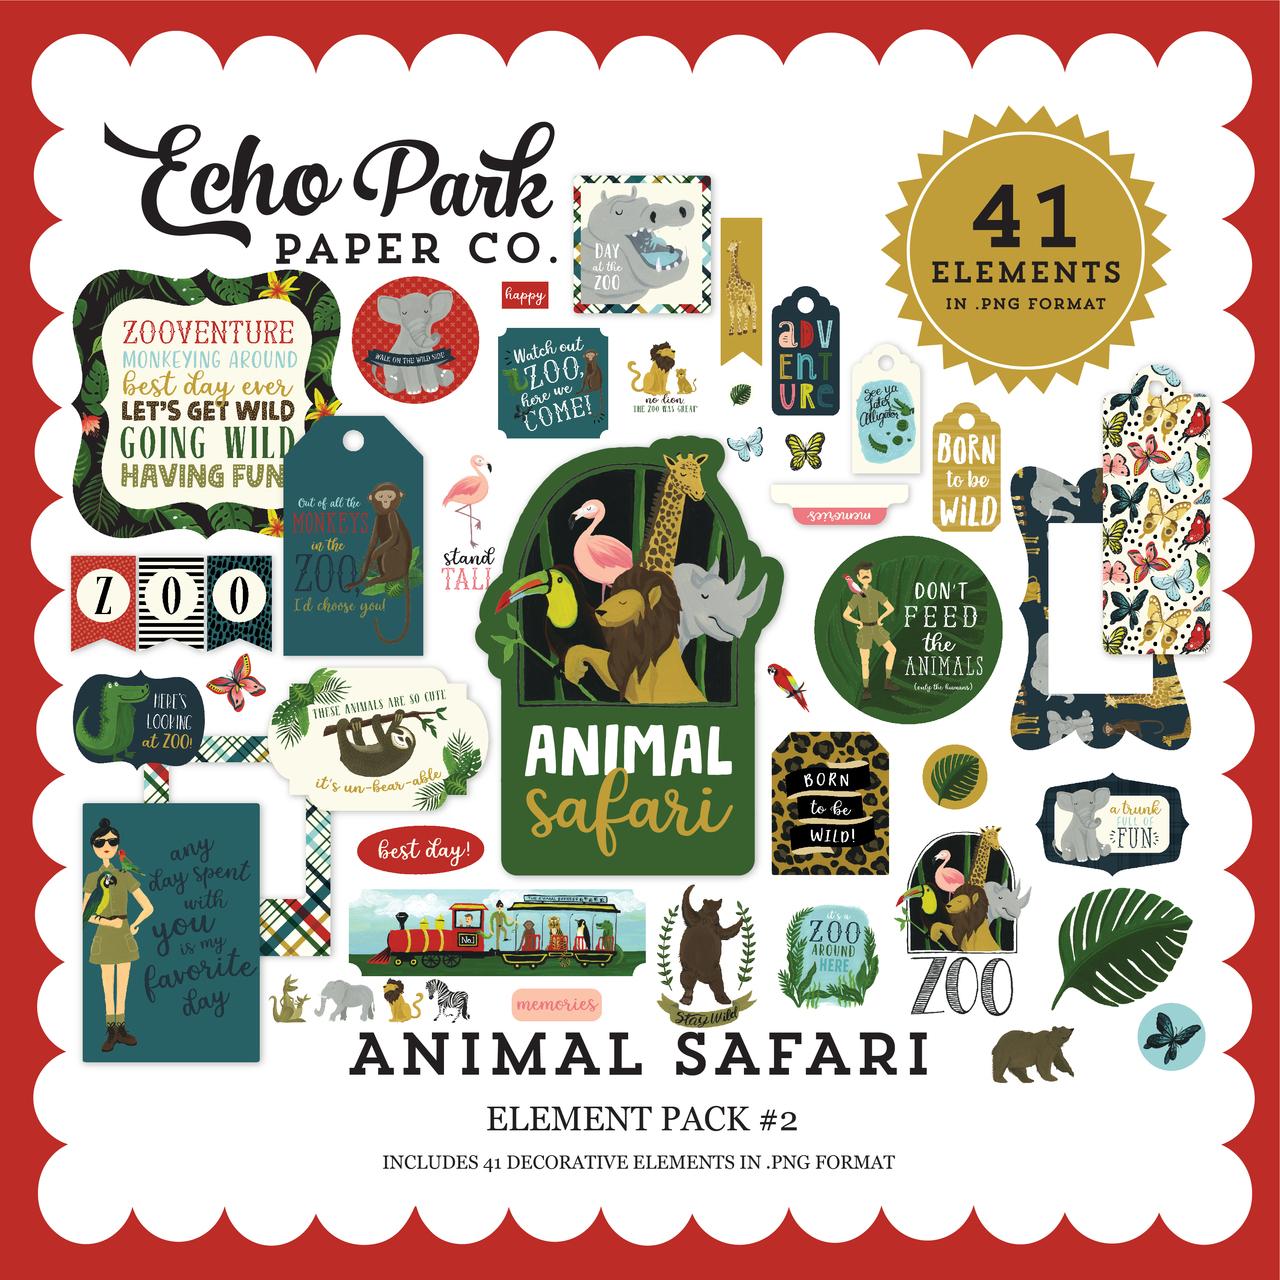 Animal Safari Element Pack #2